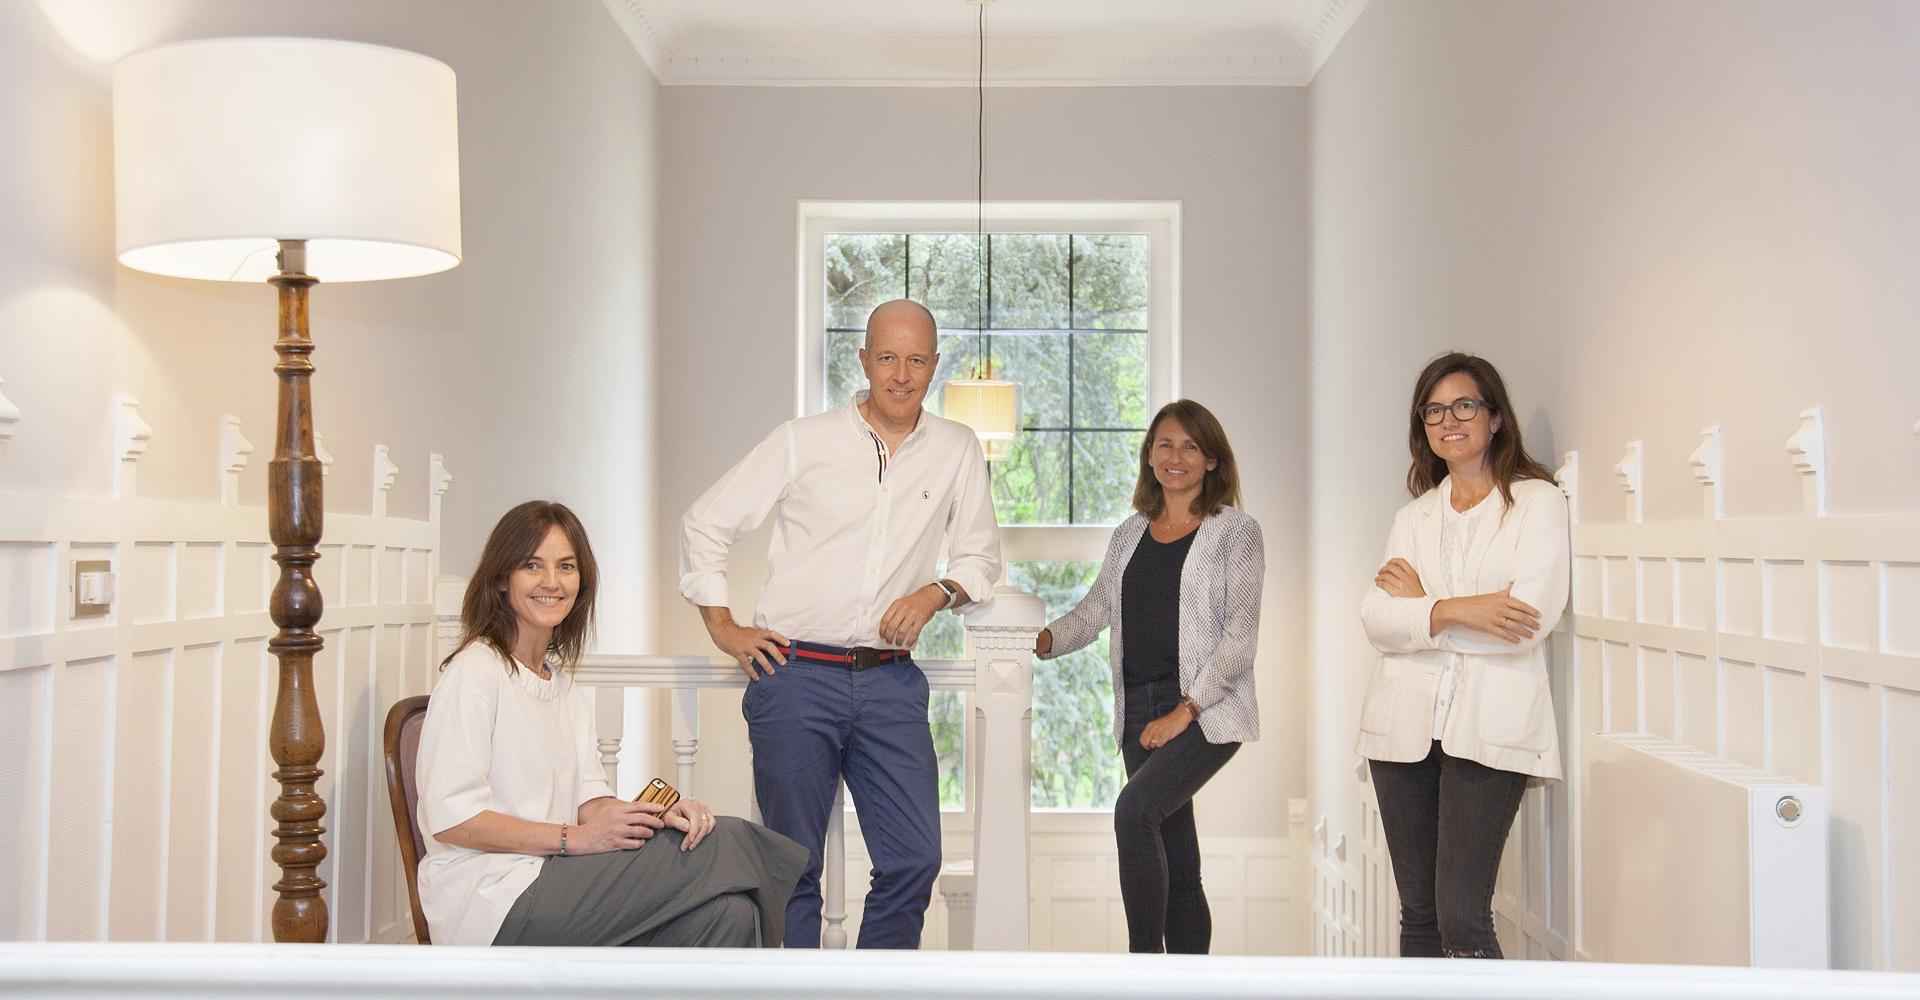 Alda, Cristina, Idoia y Juan - El equipo de la Casa de Lujo Etxelaia